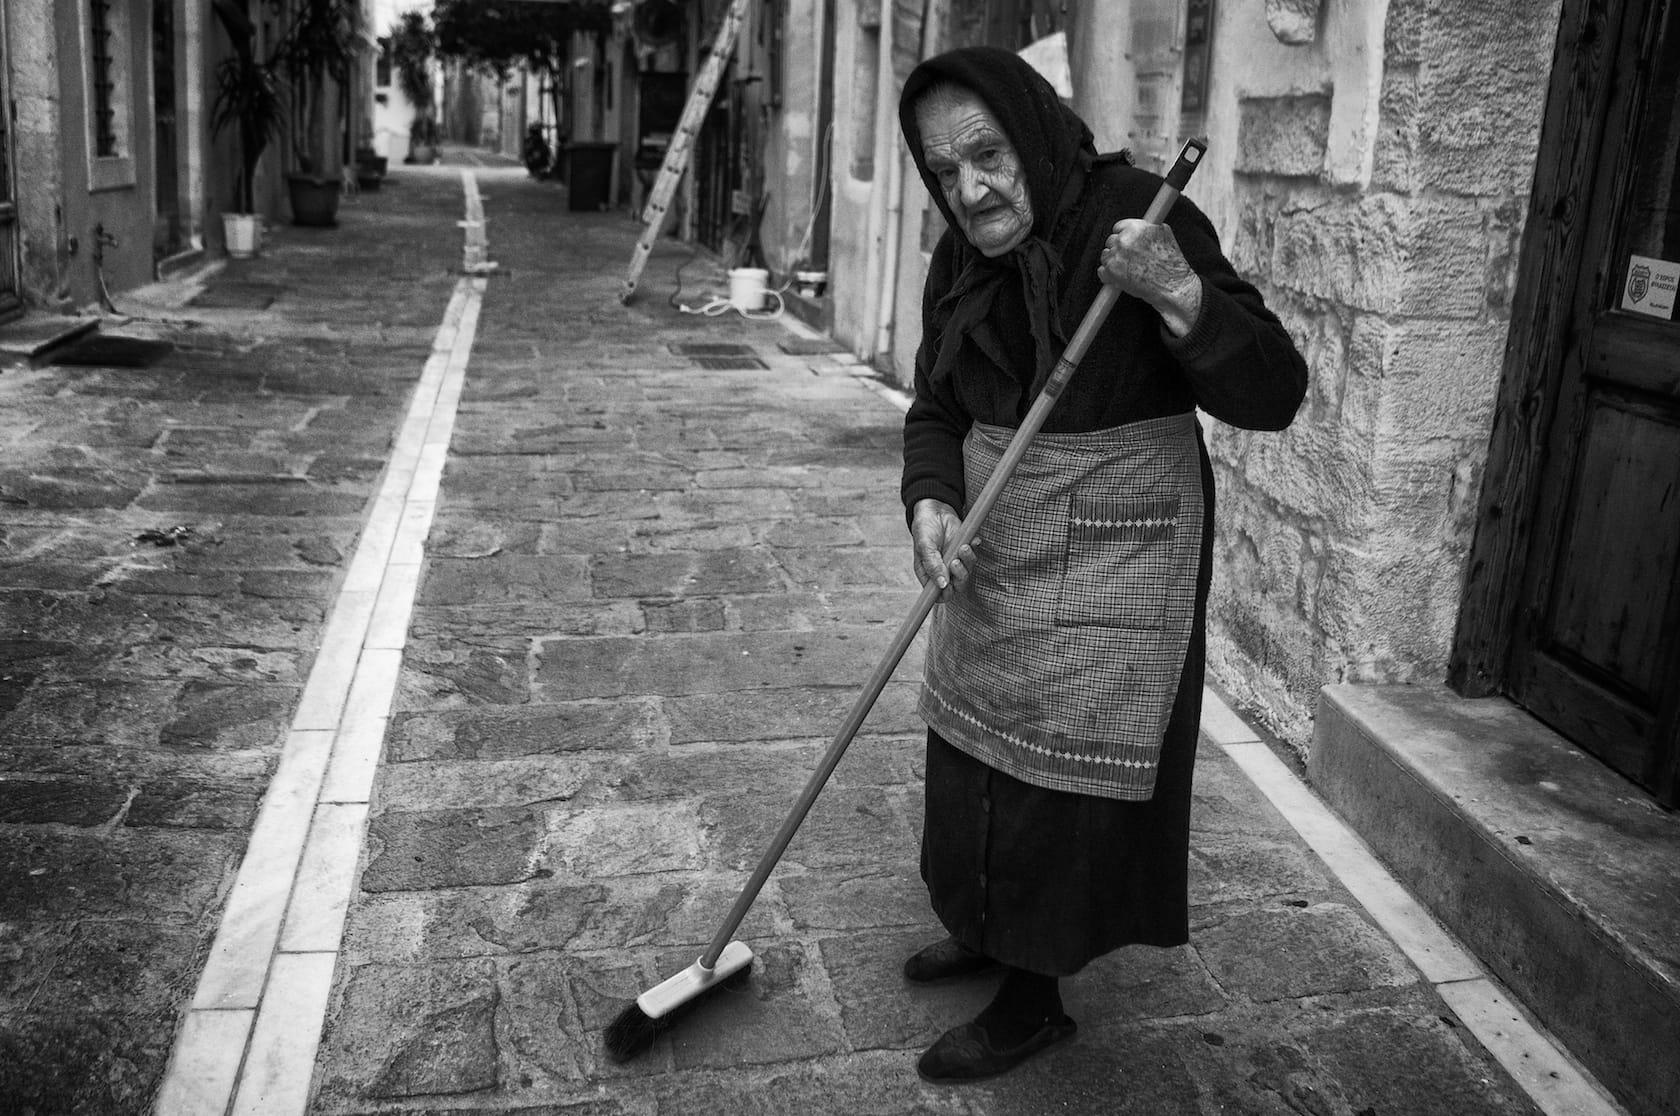 Still sweeping